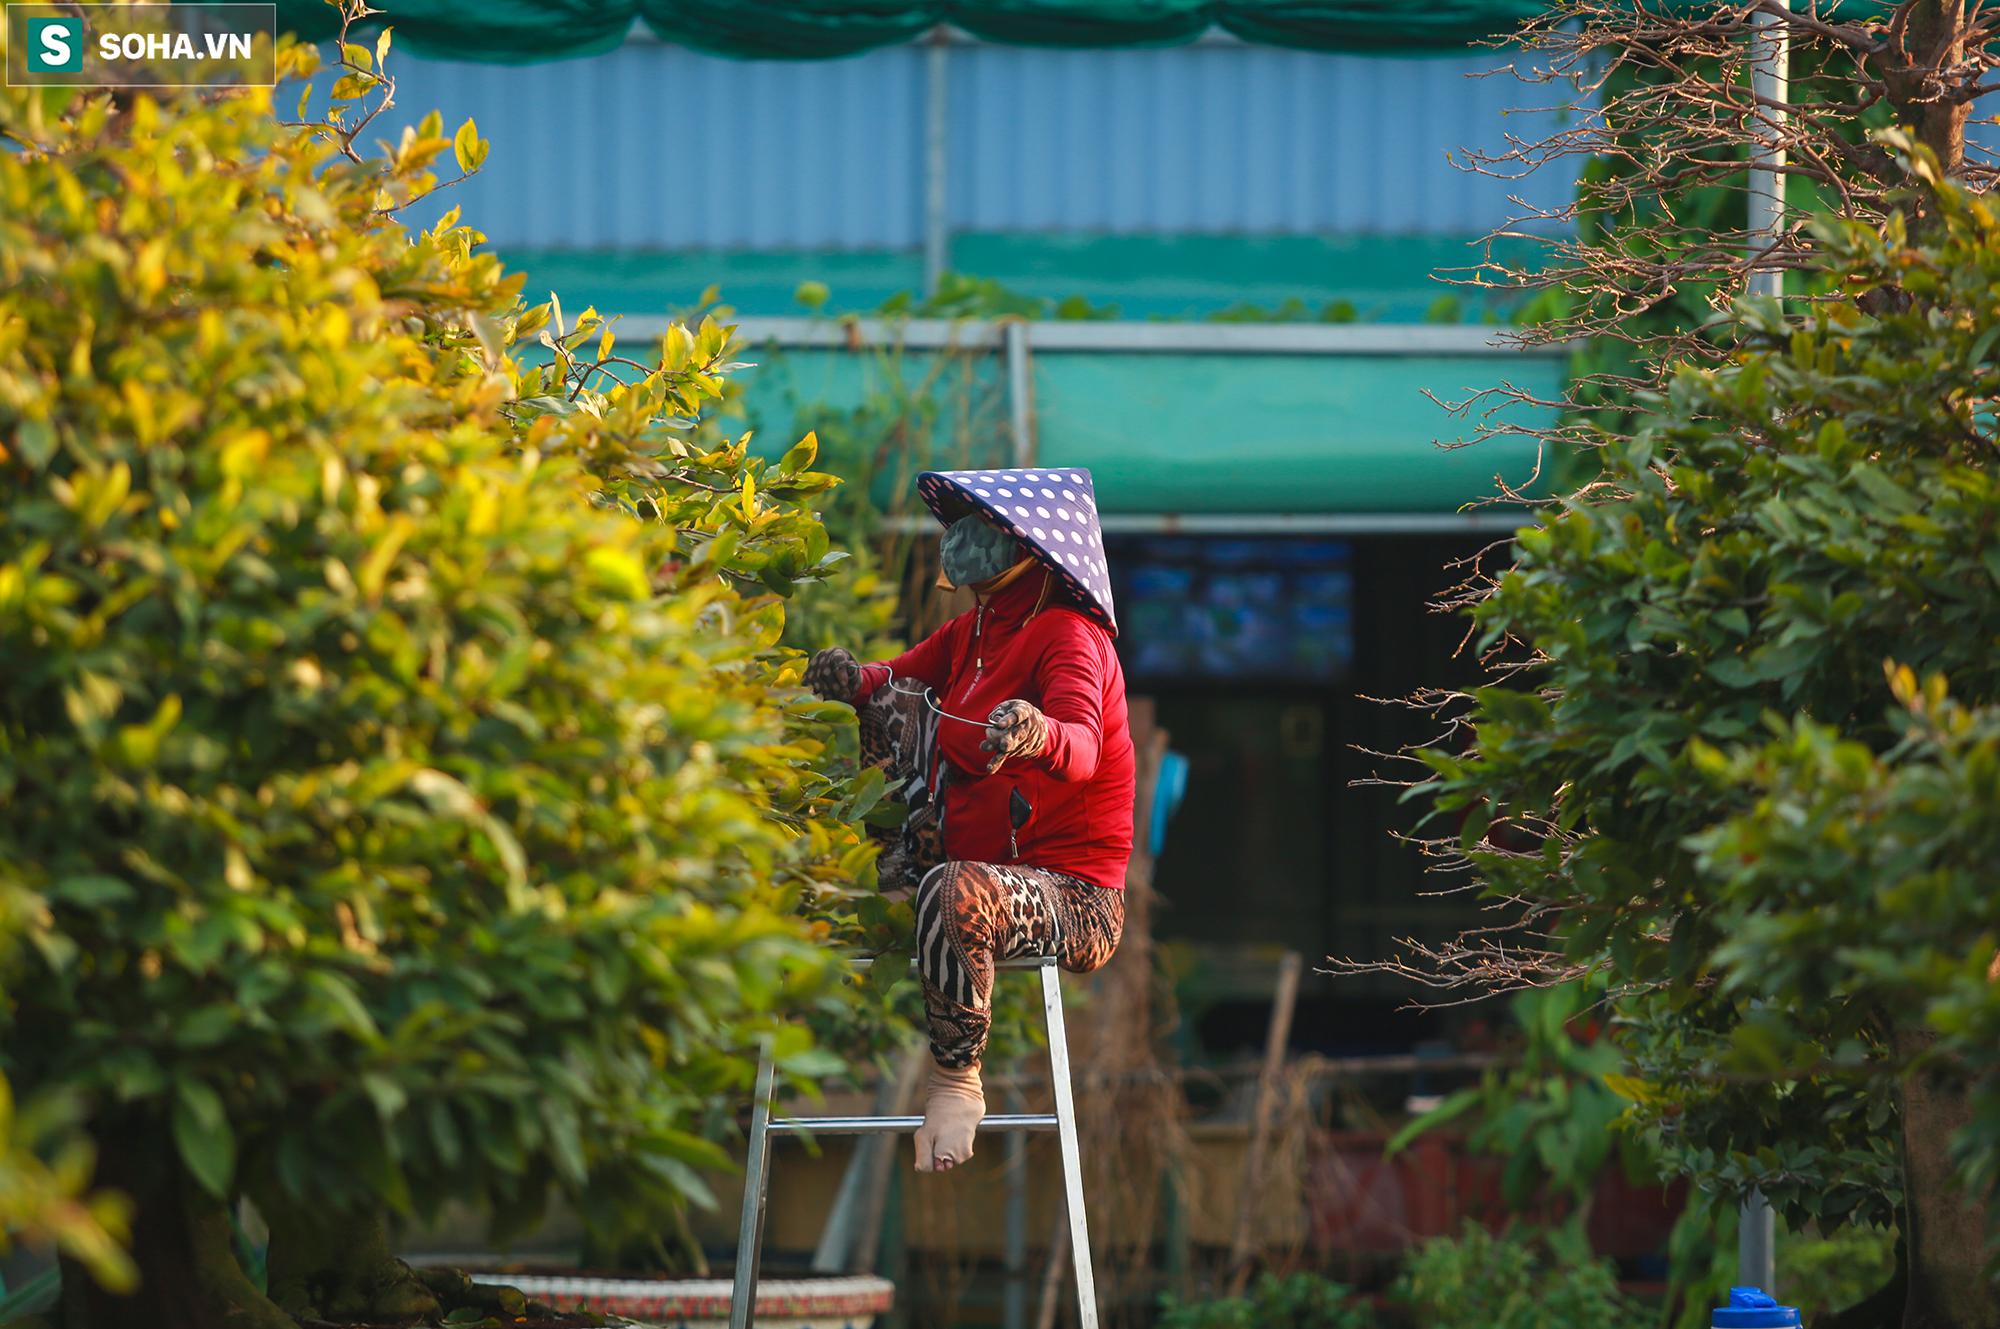 [Ảnh] Hàng nghìn cây mai nở sớm trước Tết cả tháng, chủ vườn mất trắng 15 tỷ đồng - Ảnh 14.